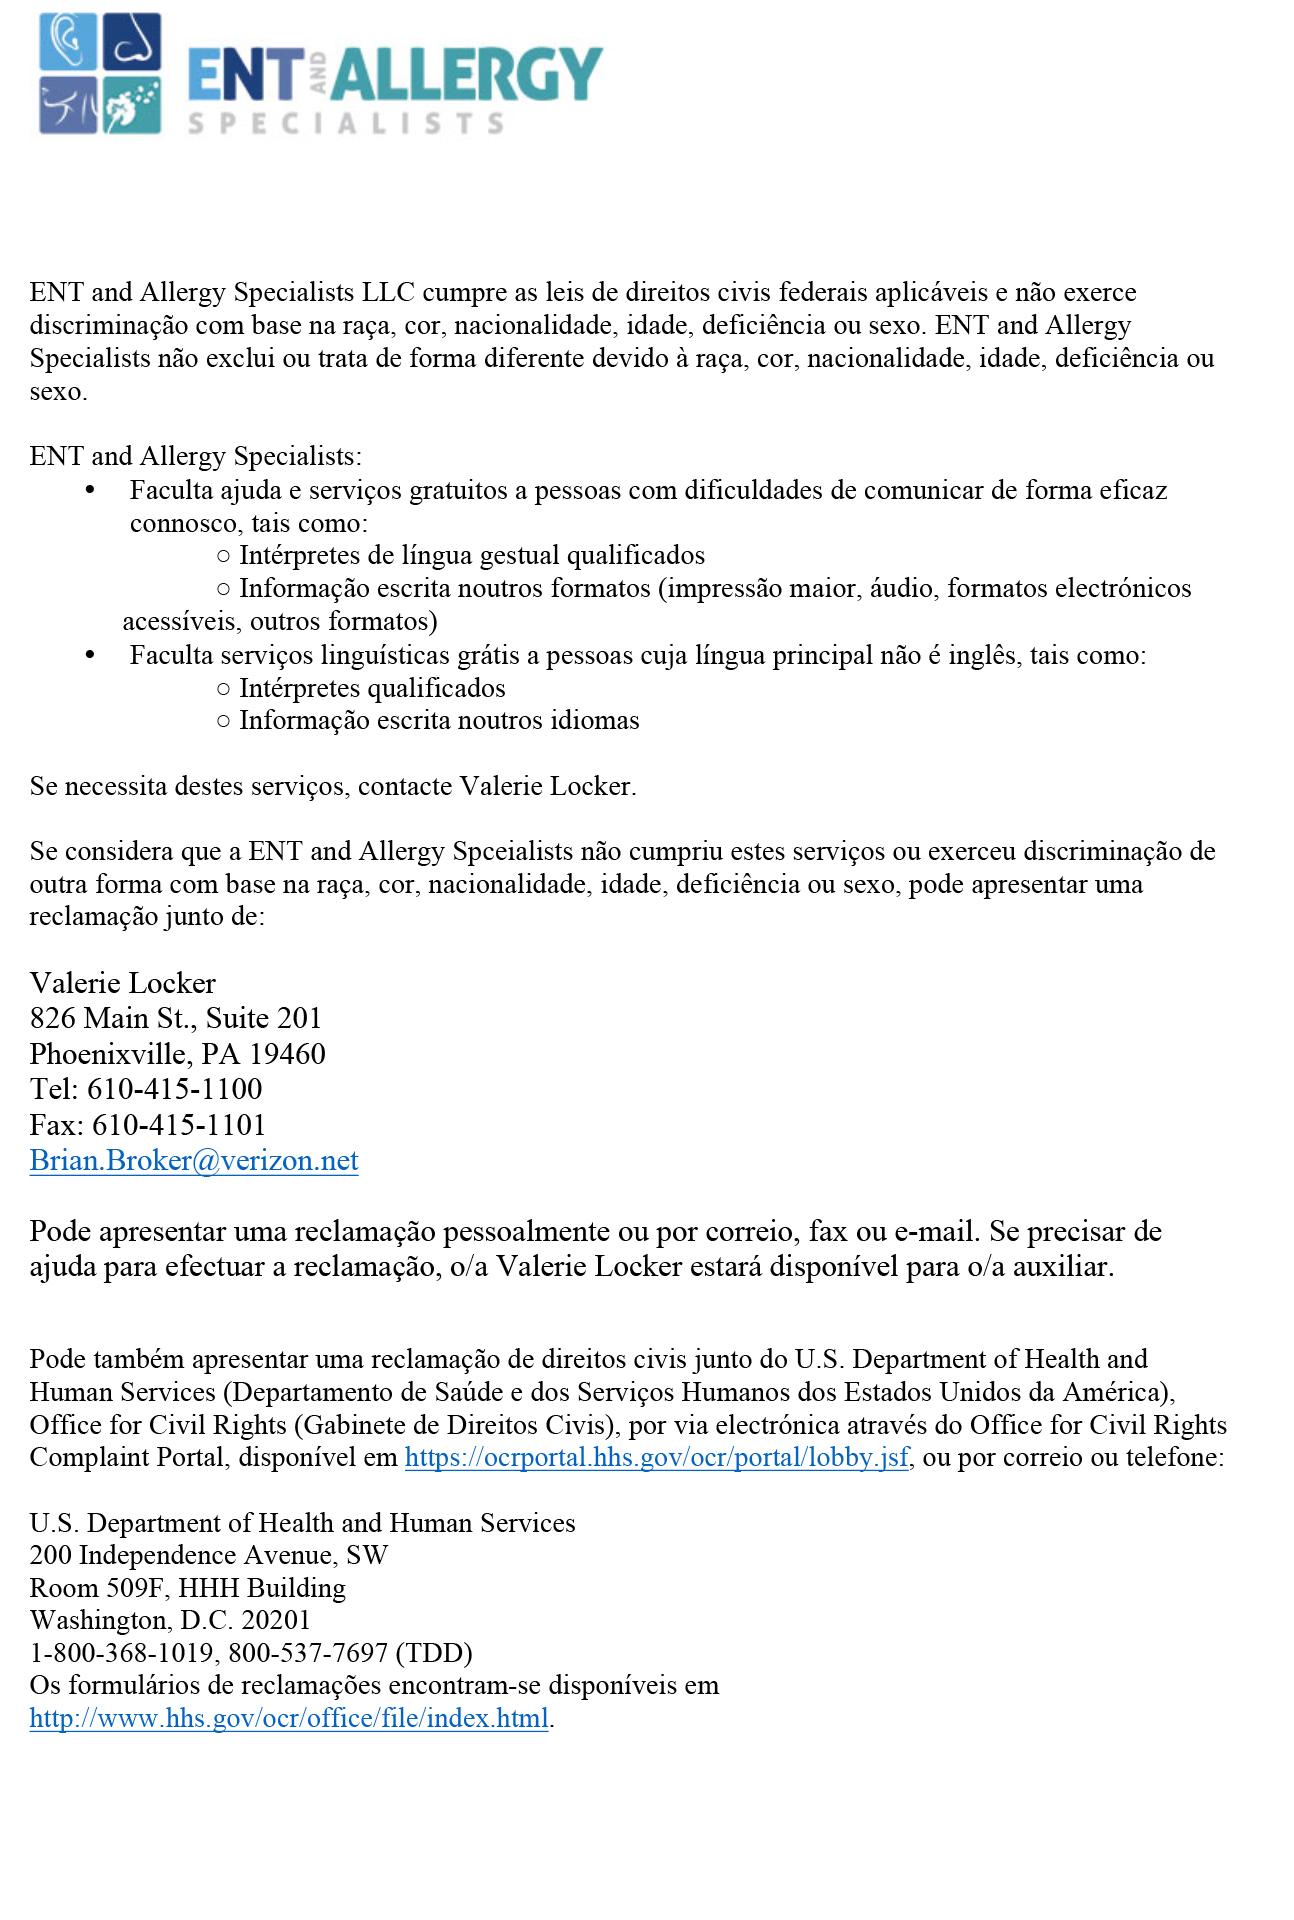 Microsoft Word - ENT Non-discrimination Portuguese.docx